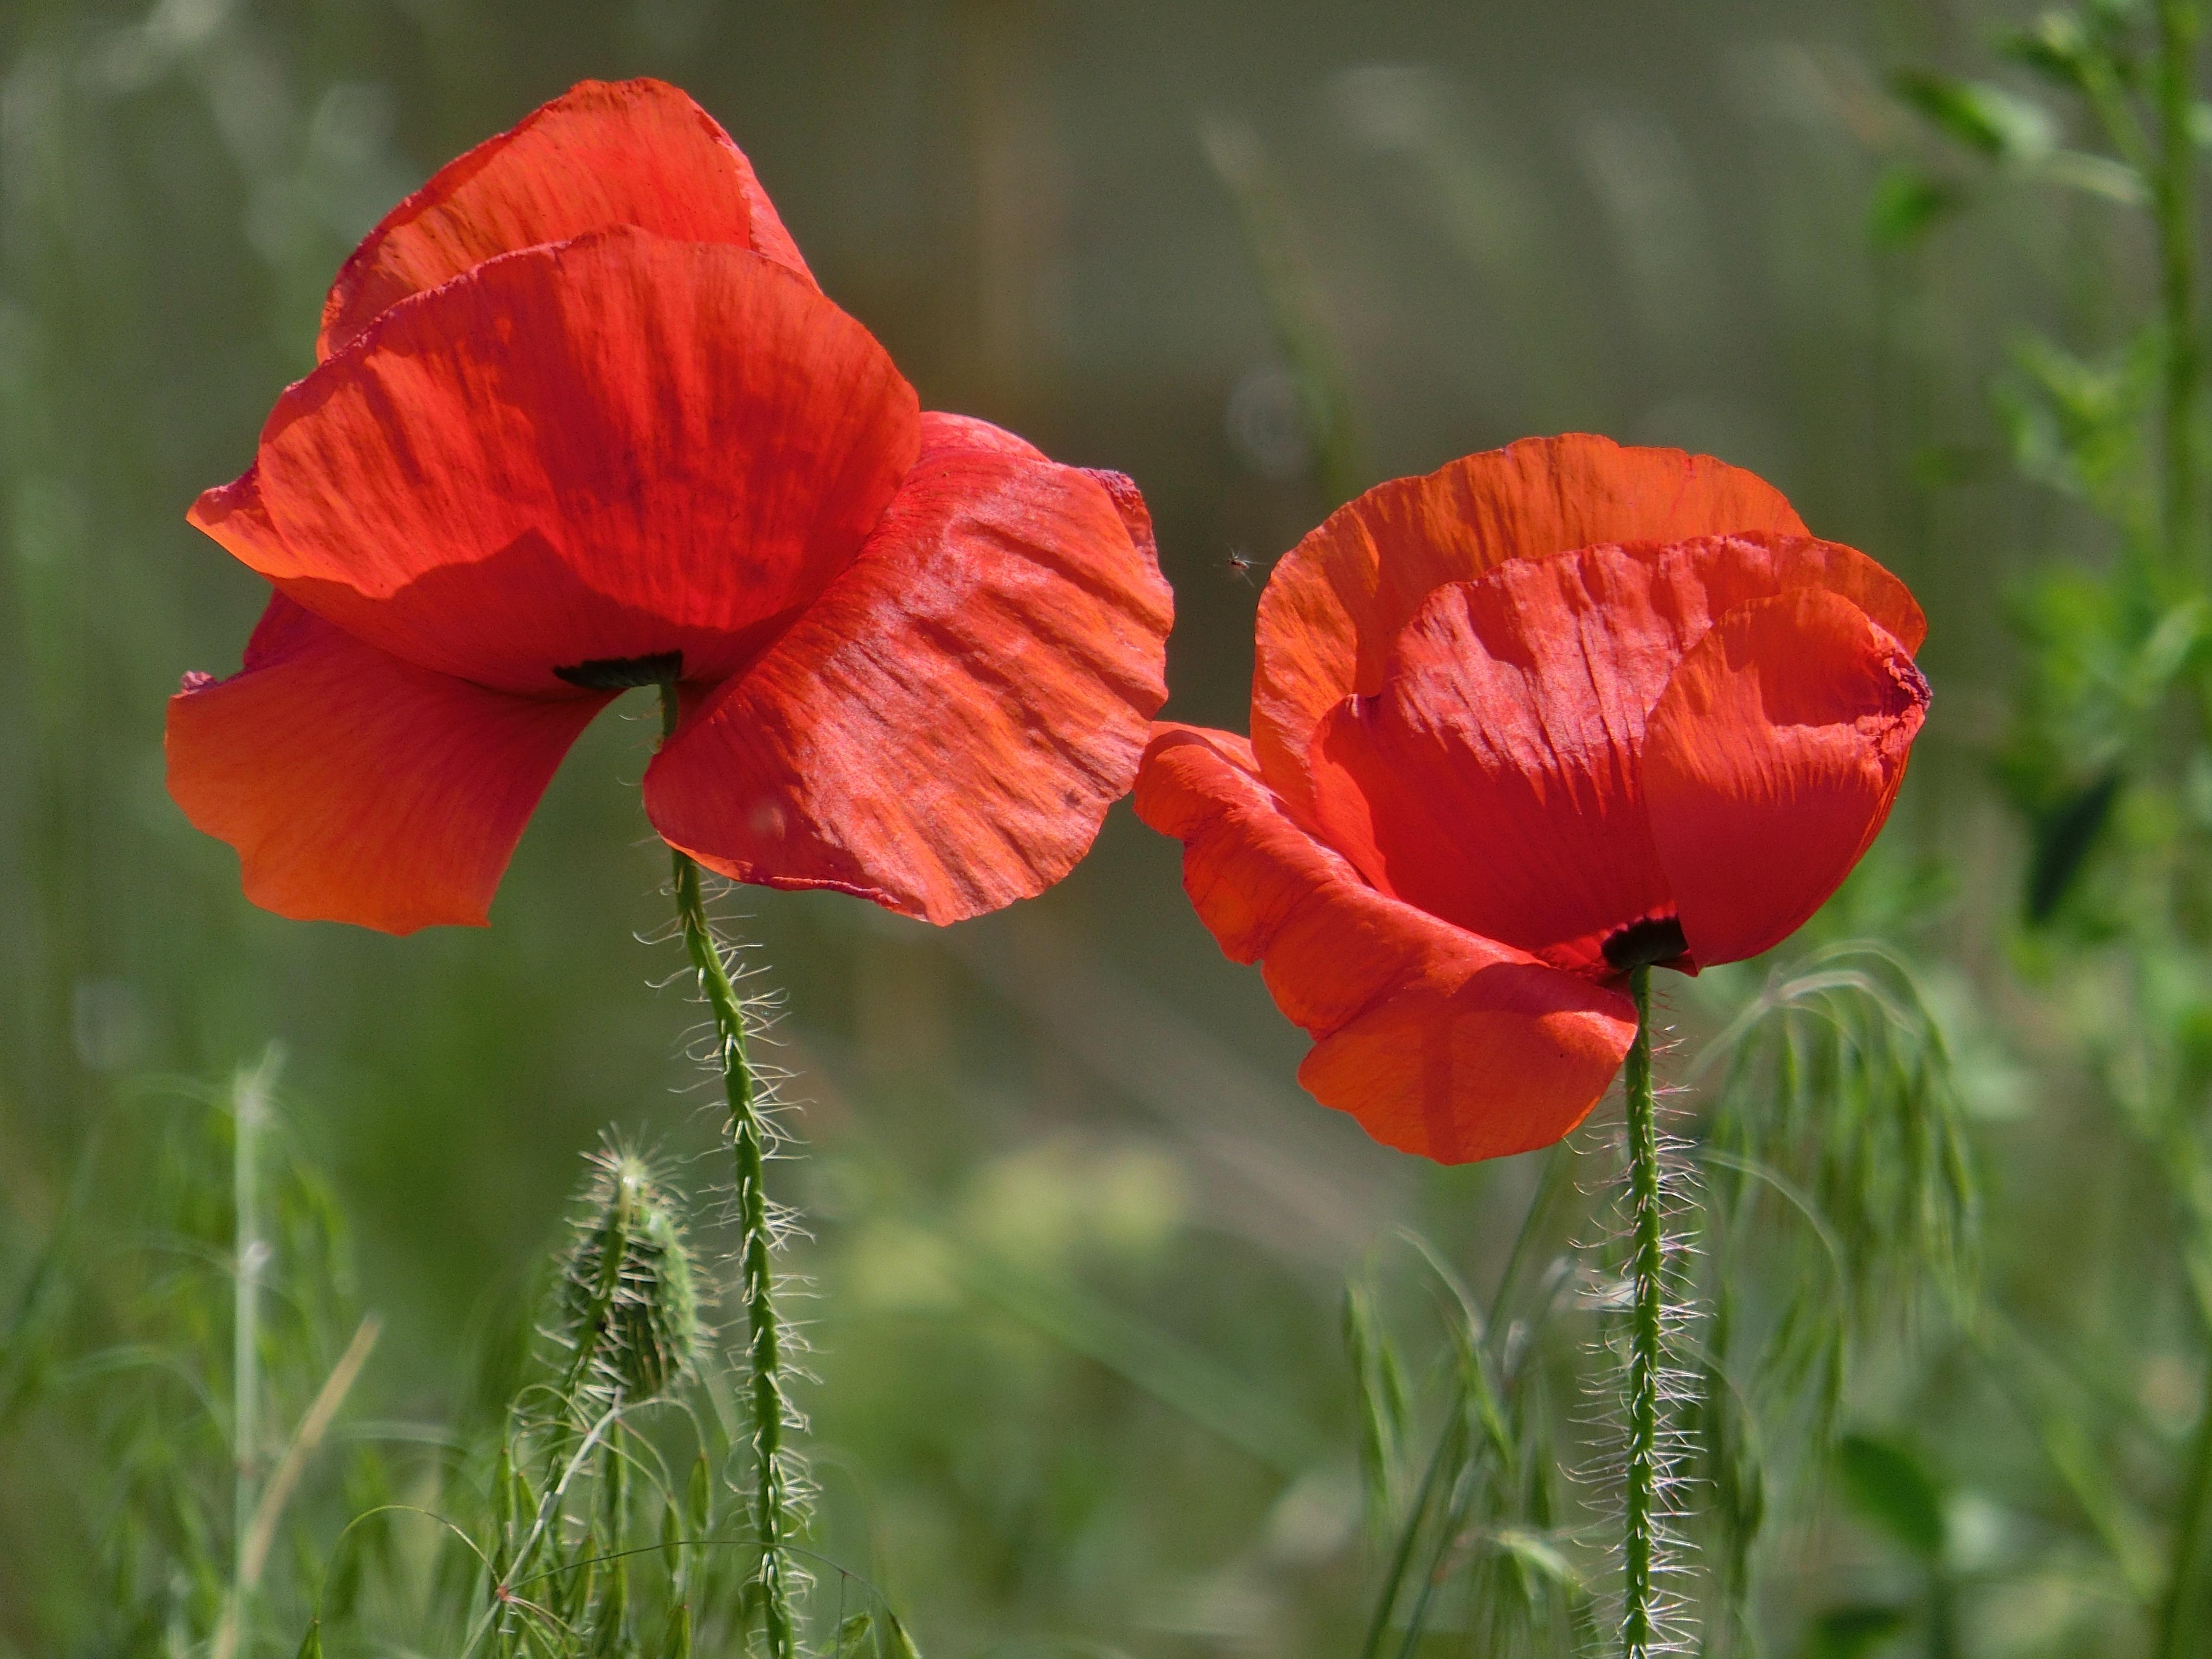 свое красные маки цветы фото коем случае сочетайте